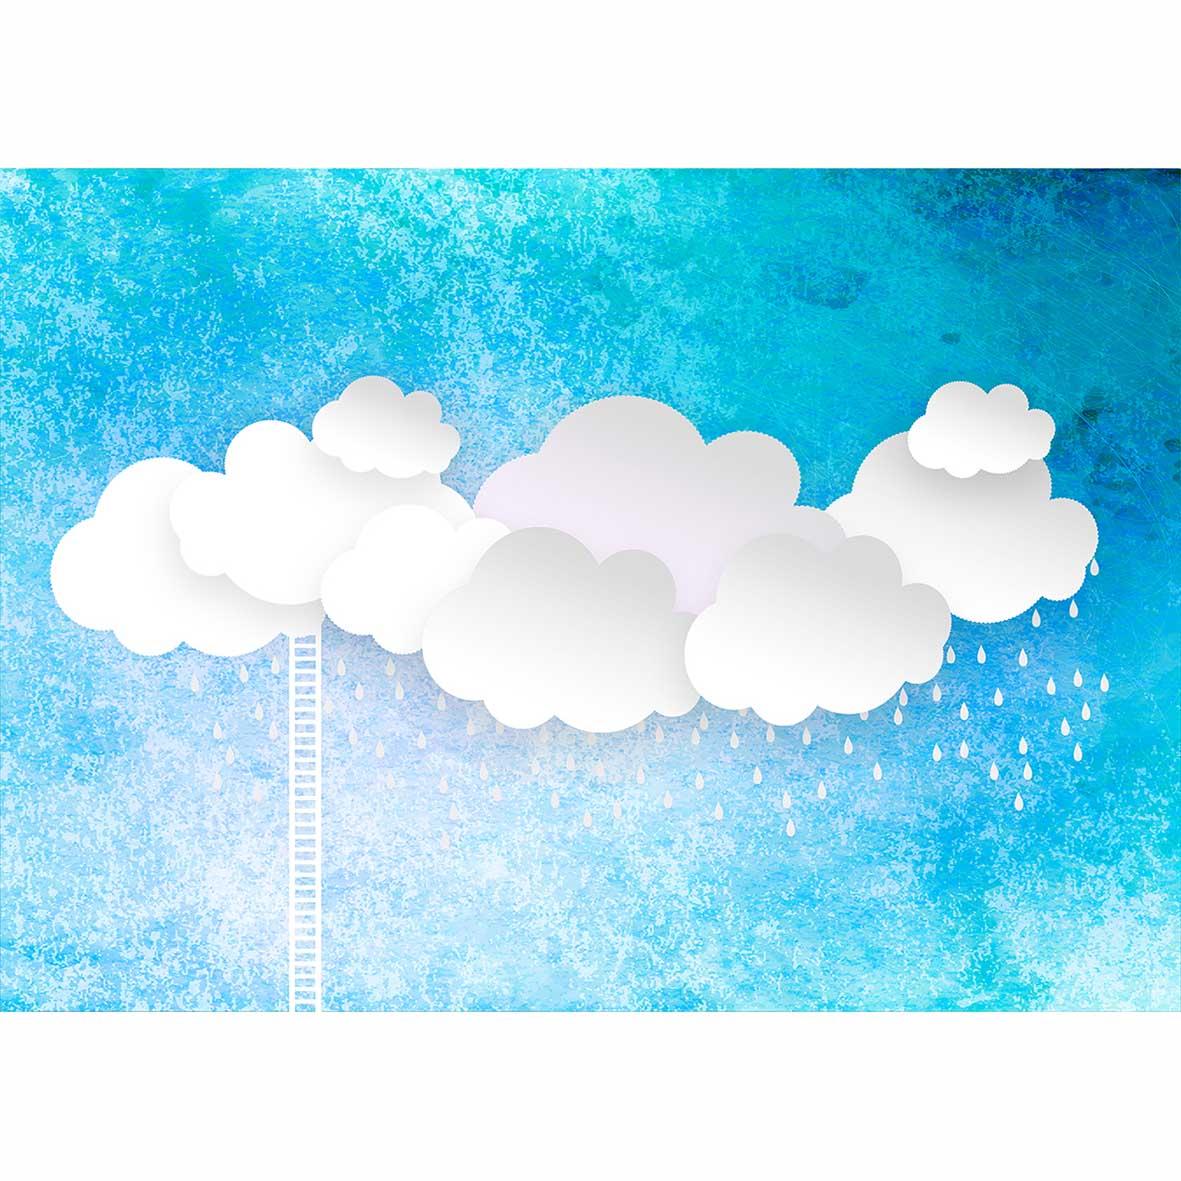 Allenjoy Photographie Fond Bleu Ciel Blanc Nuages échelle Gouttes De